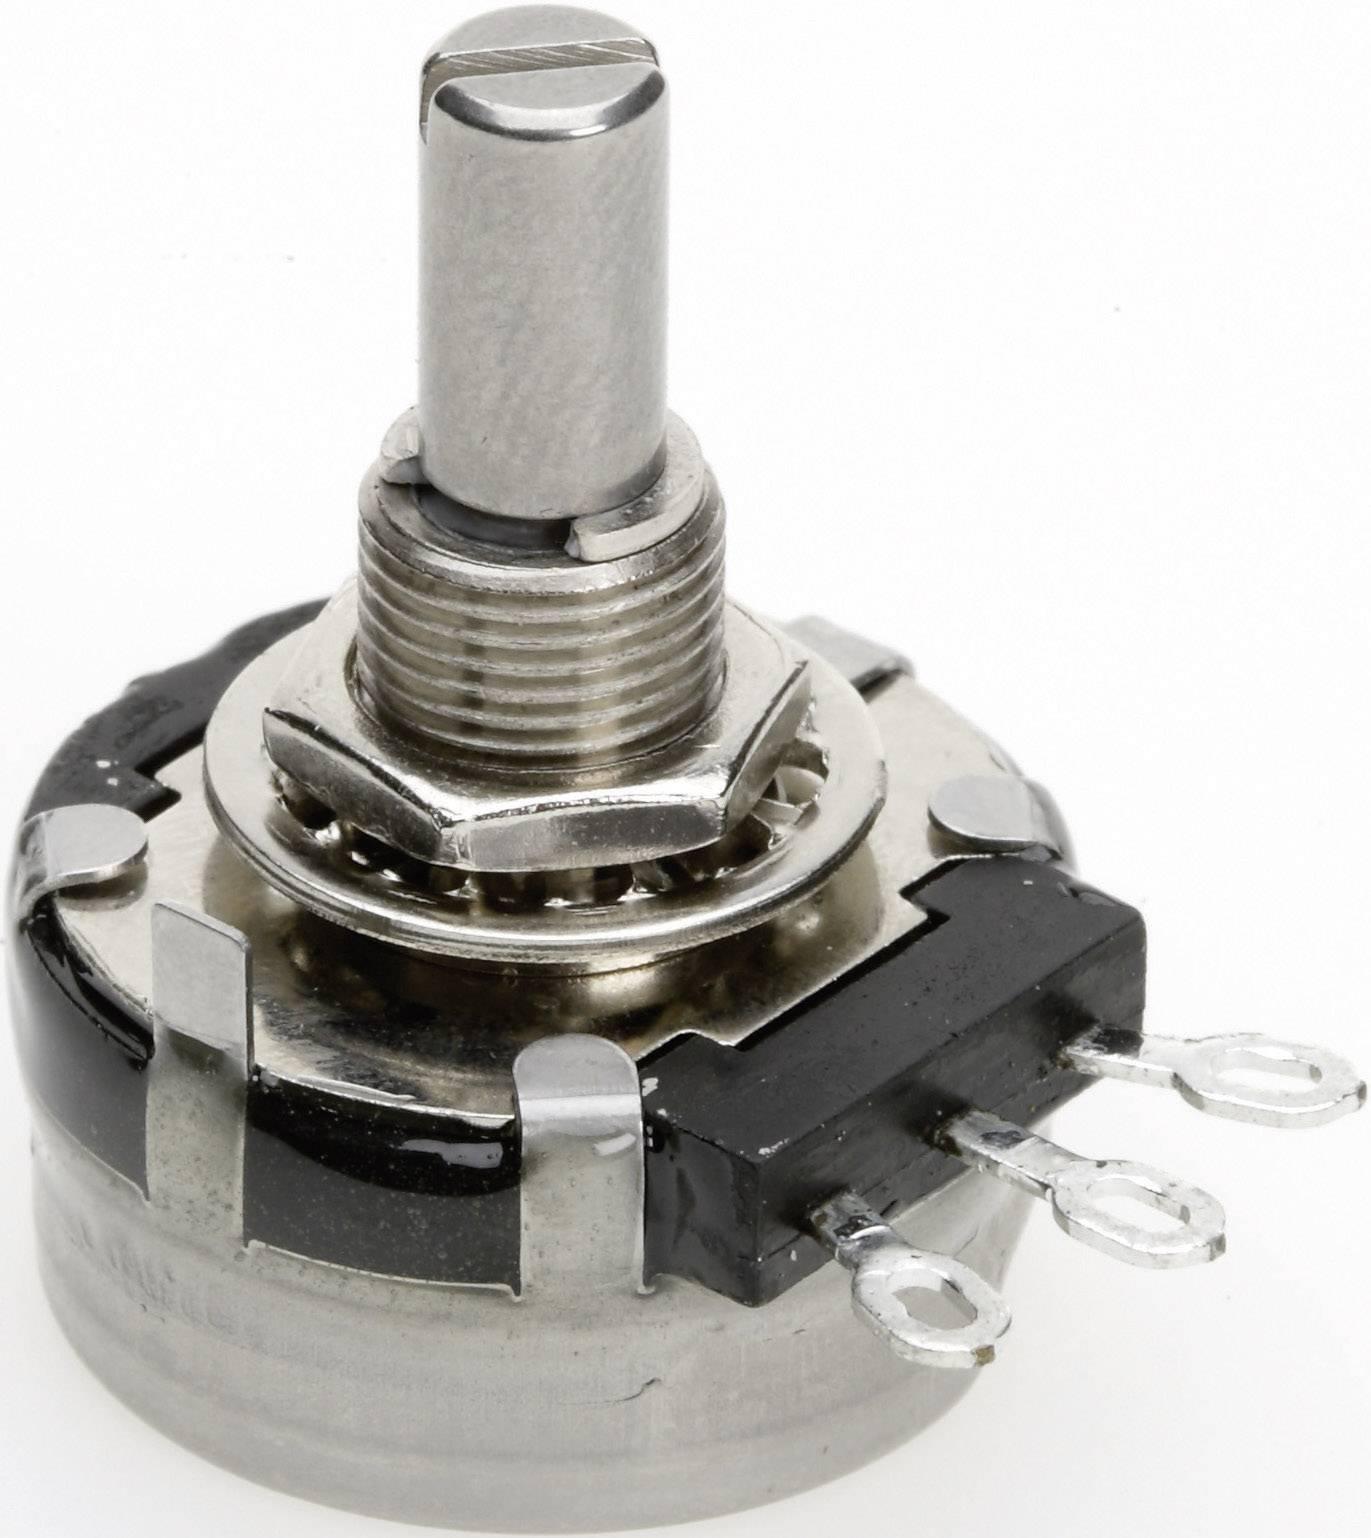 Cermetový potenciometer TT Electro, 4114813545, 10 kΩ, 2 W, ± 10%